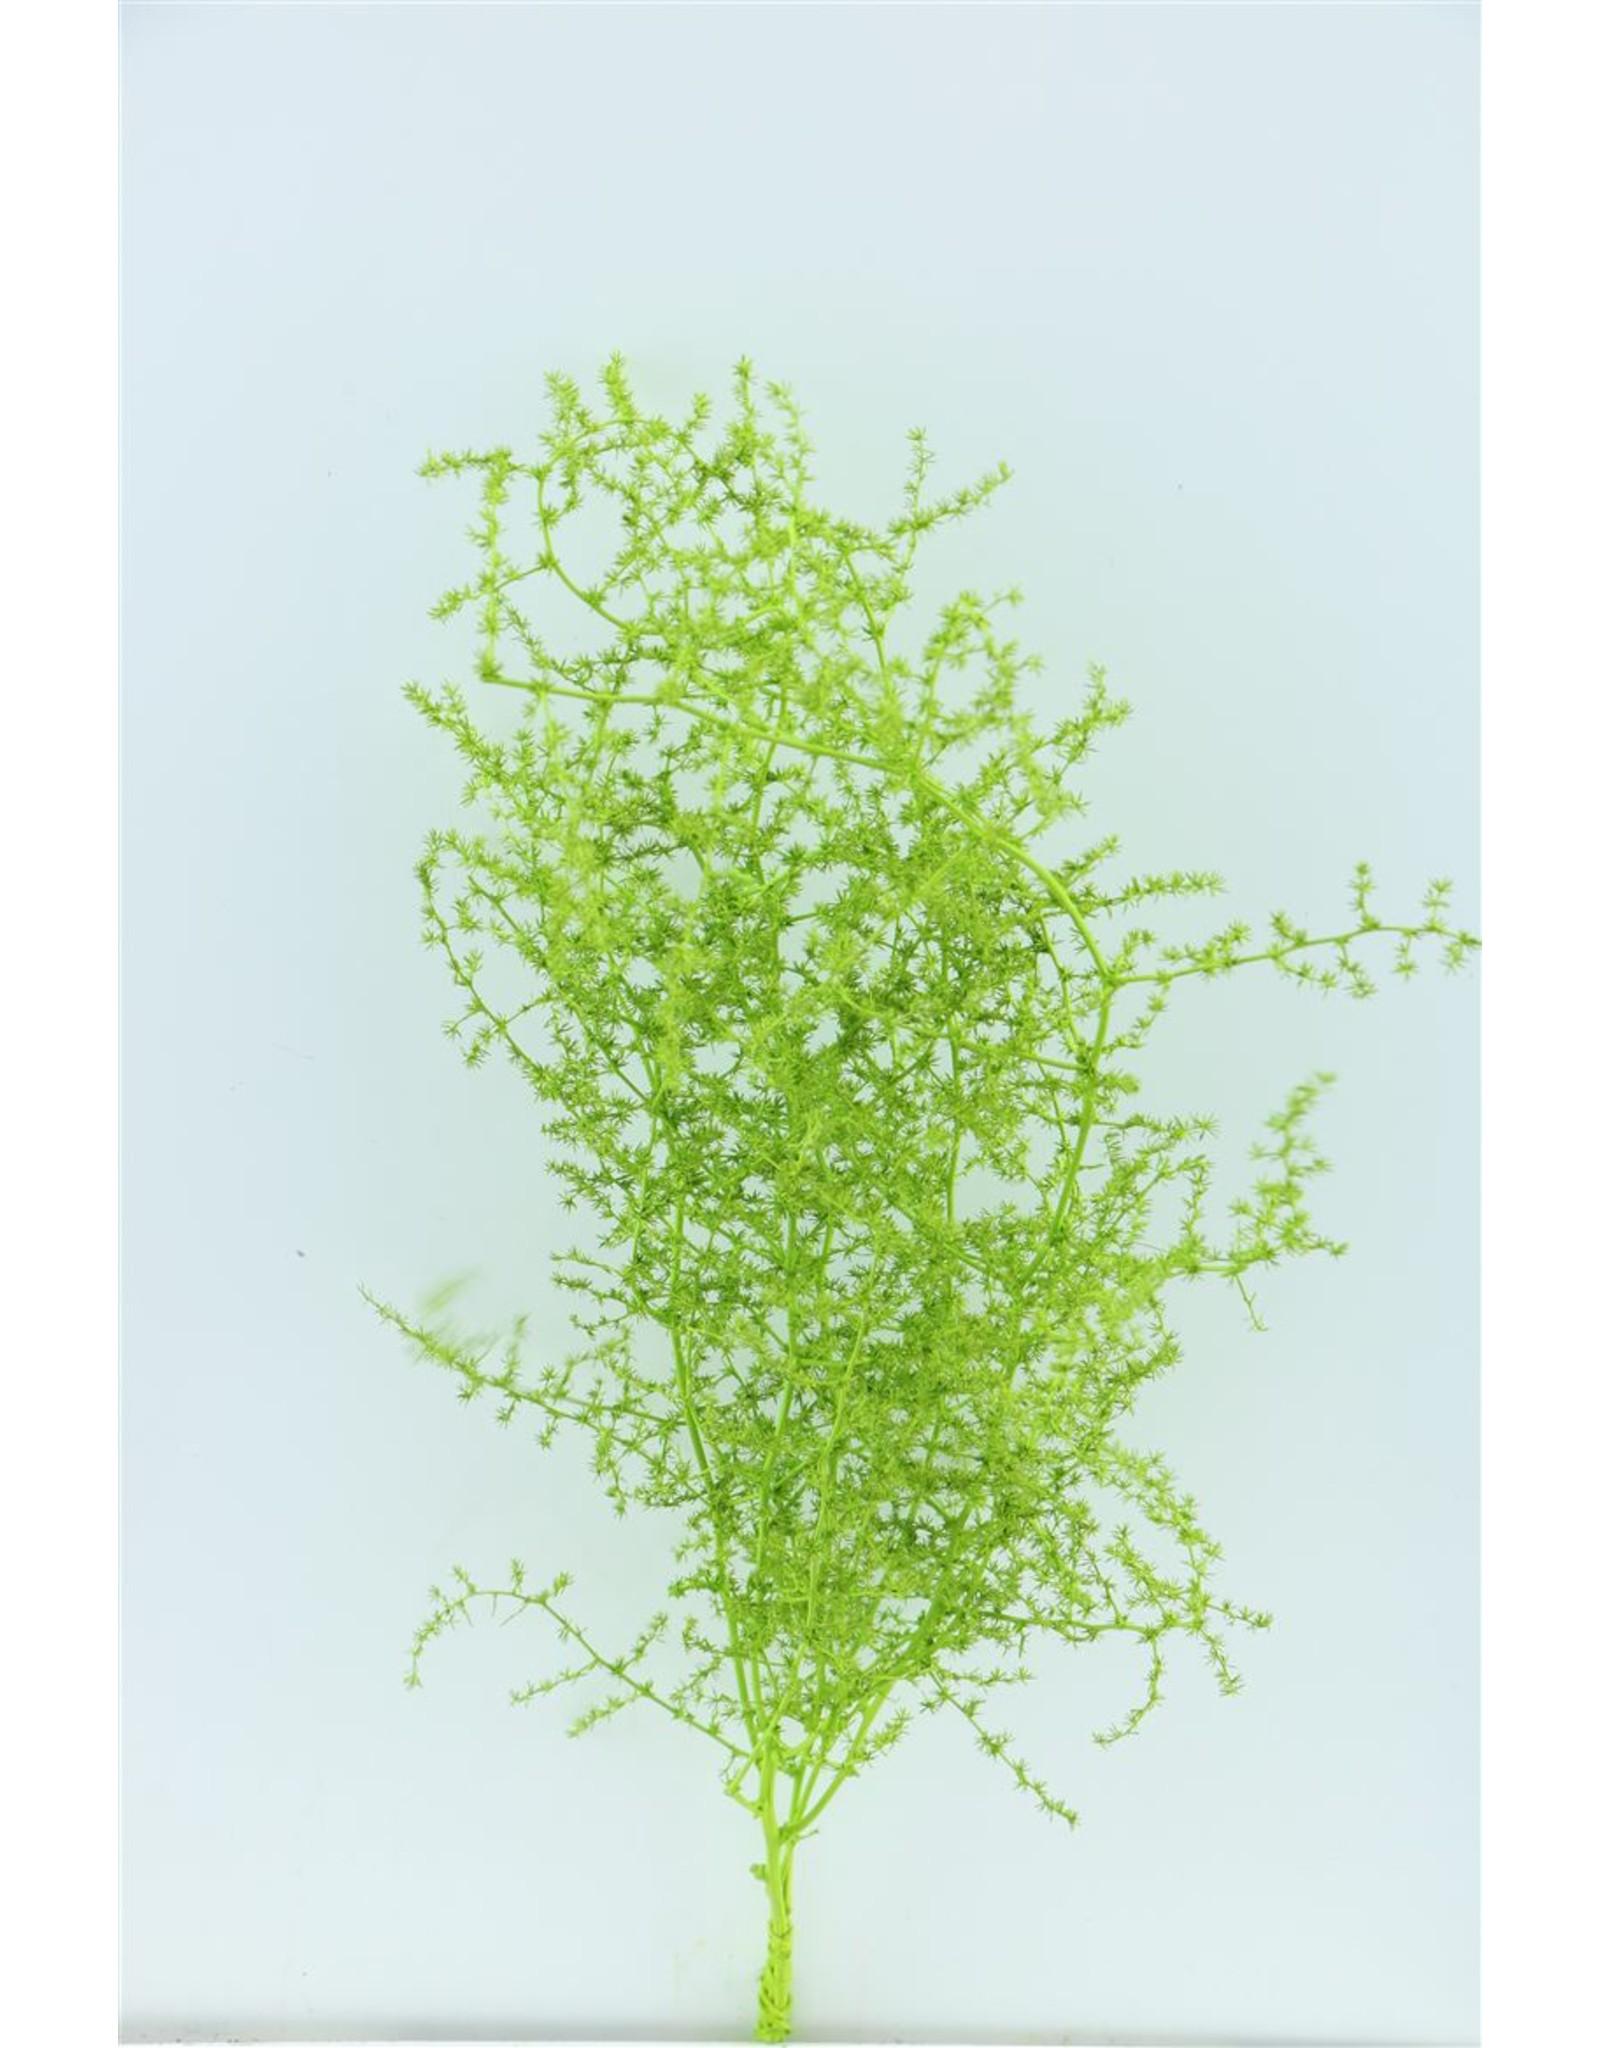 Dried Asparagus Wild Applegreen Bunch x 2